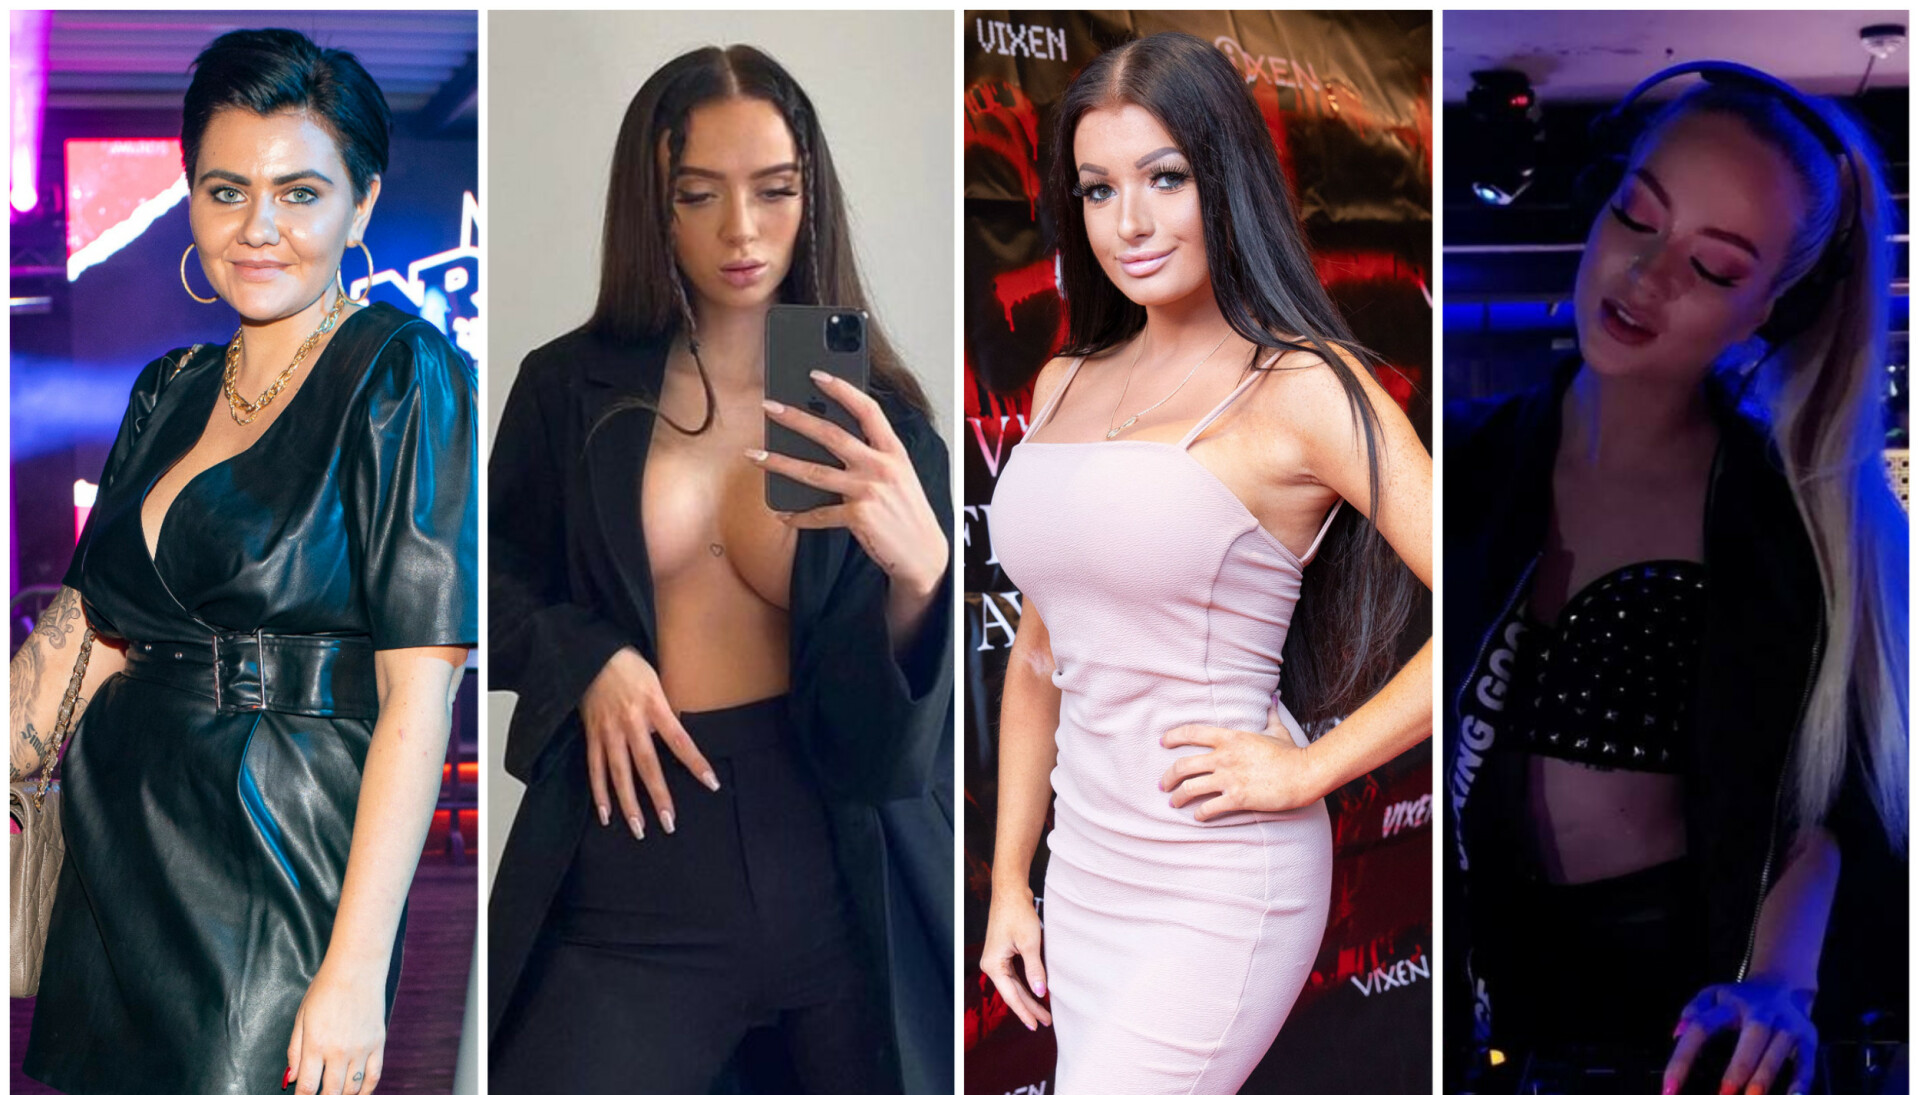 TJENER FETT: Norske jenter tjener tusenvis på å selge nakenbilder på nettet. Nå deler de sine beste tips og triks, samtidig som de også forteller hva en absolutt ikke burde gjøre. Foto: Privat